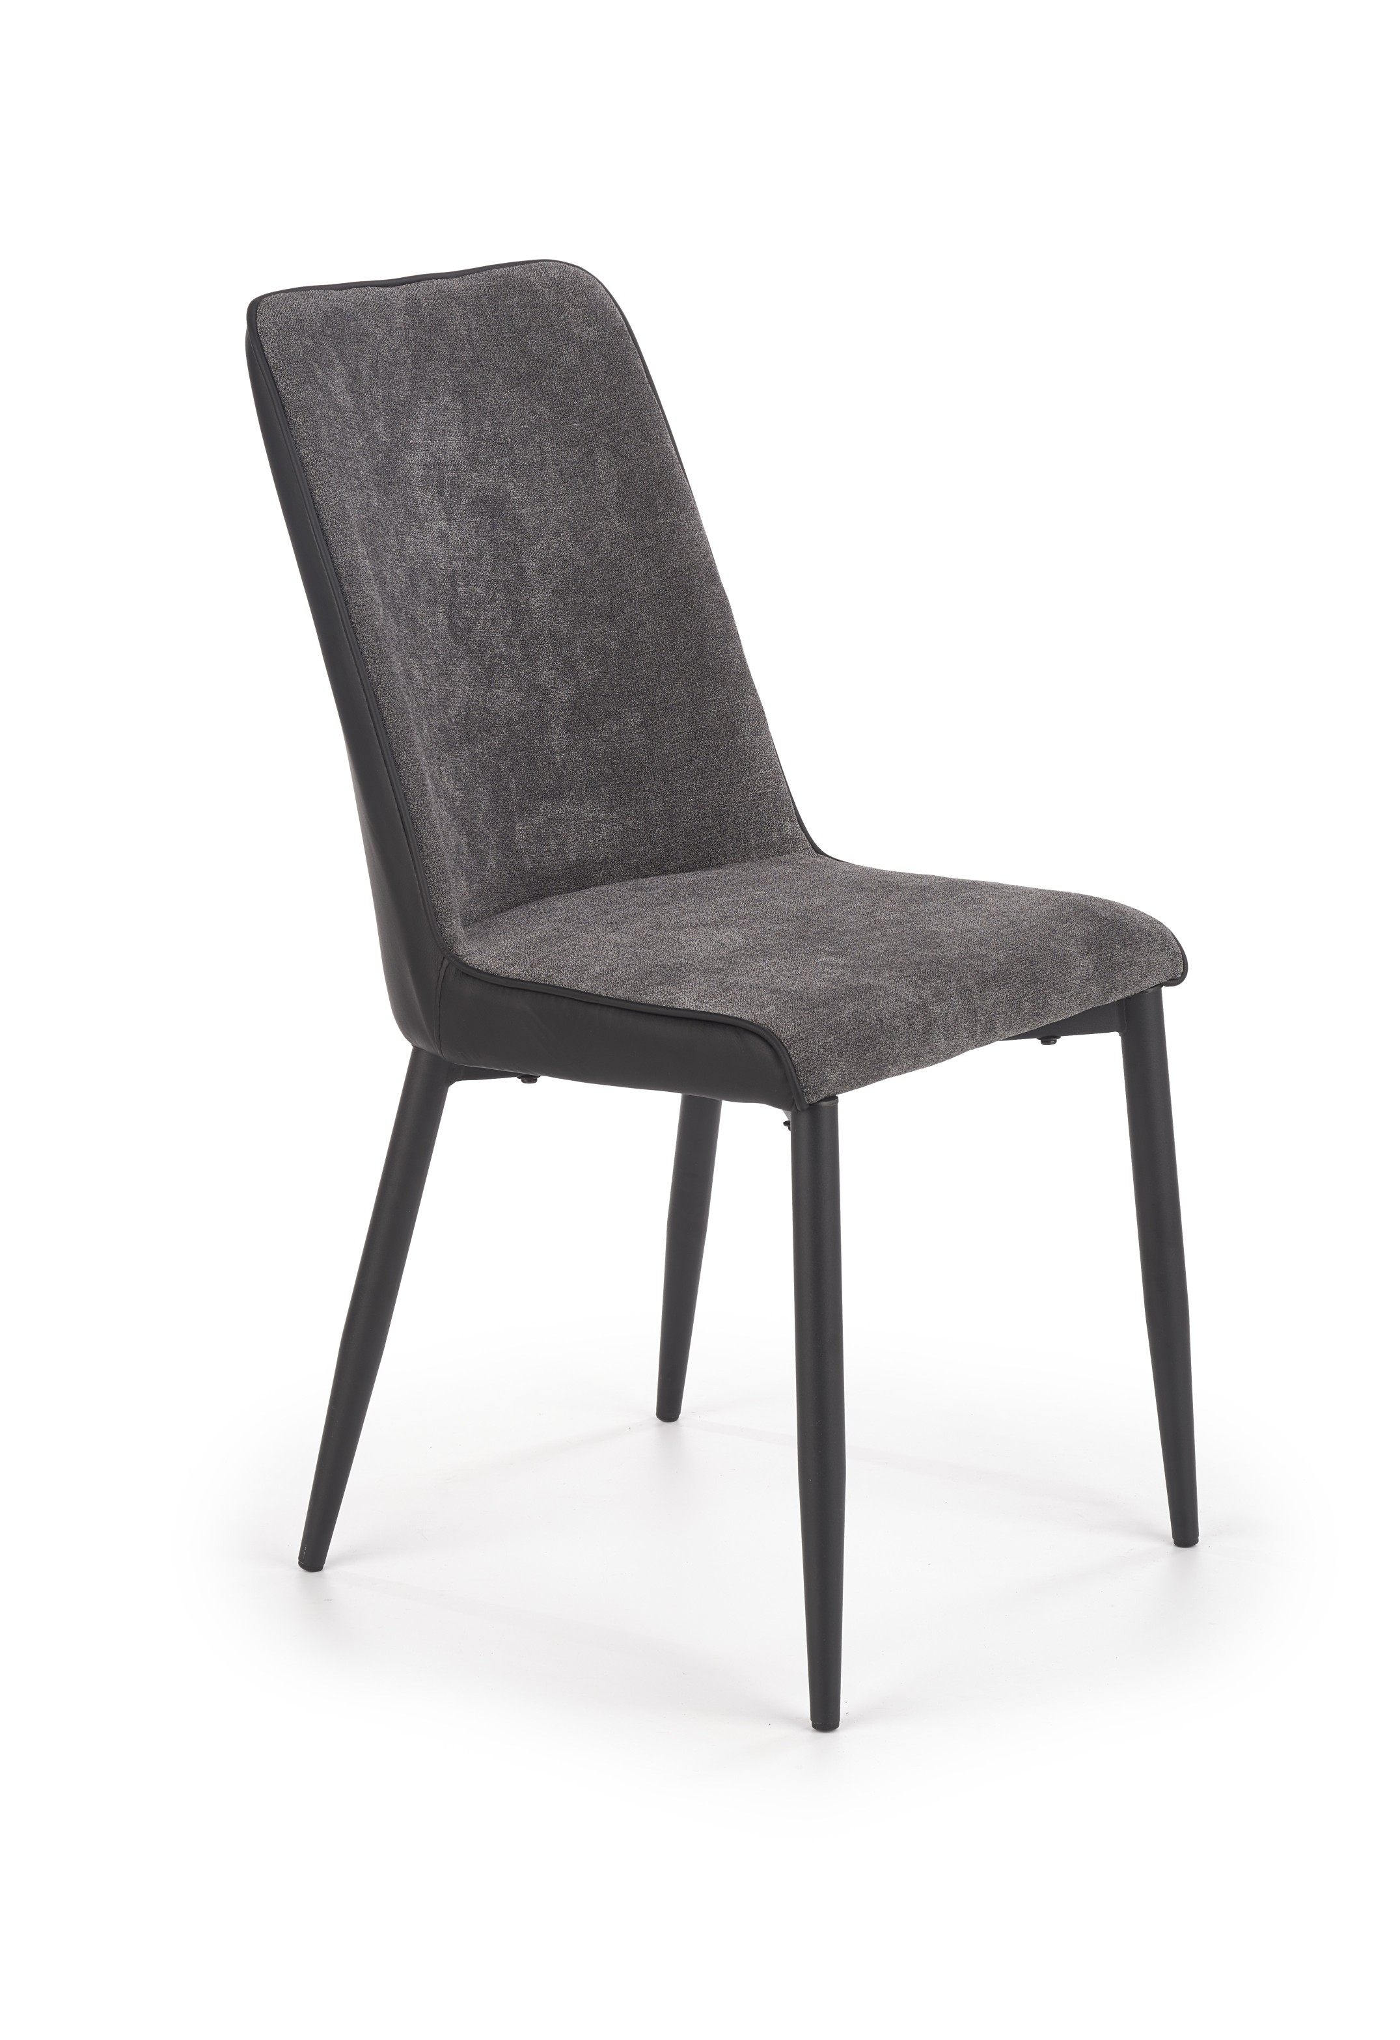 K368 krzesło popielaty / czarny